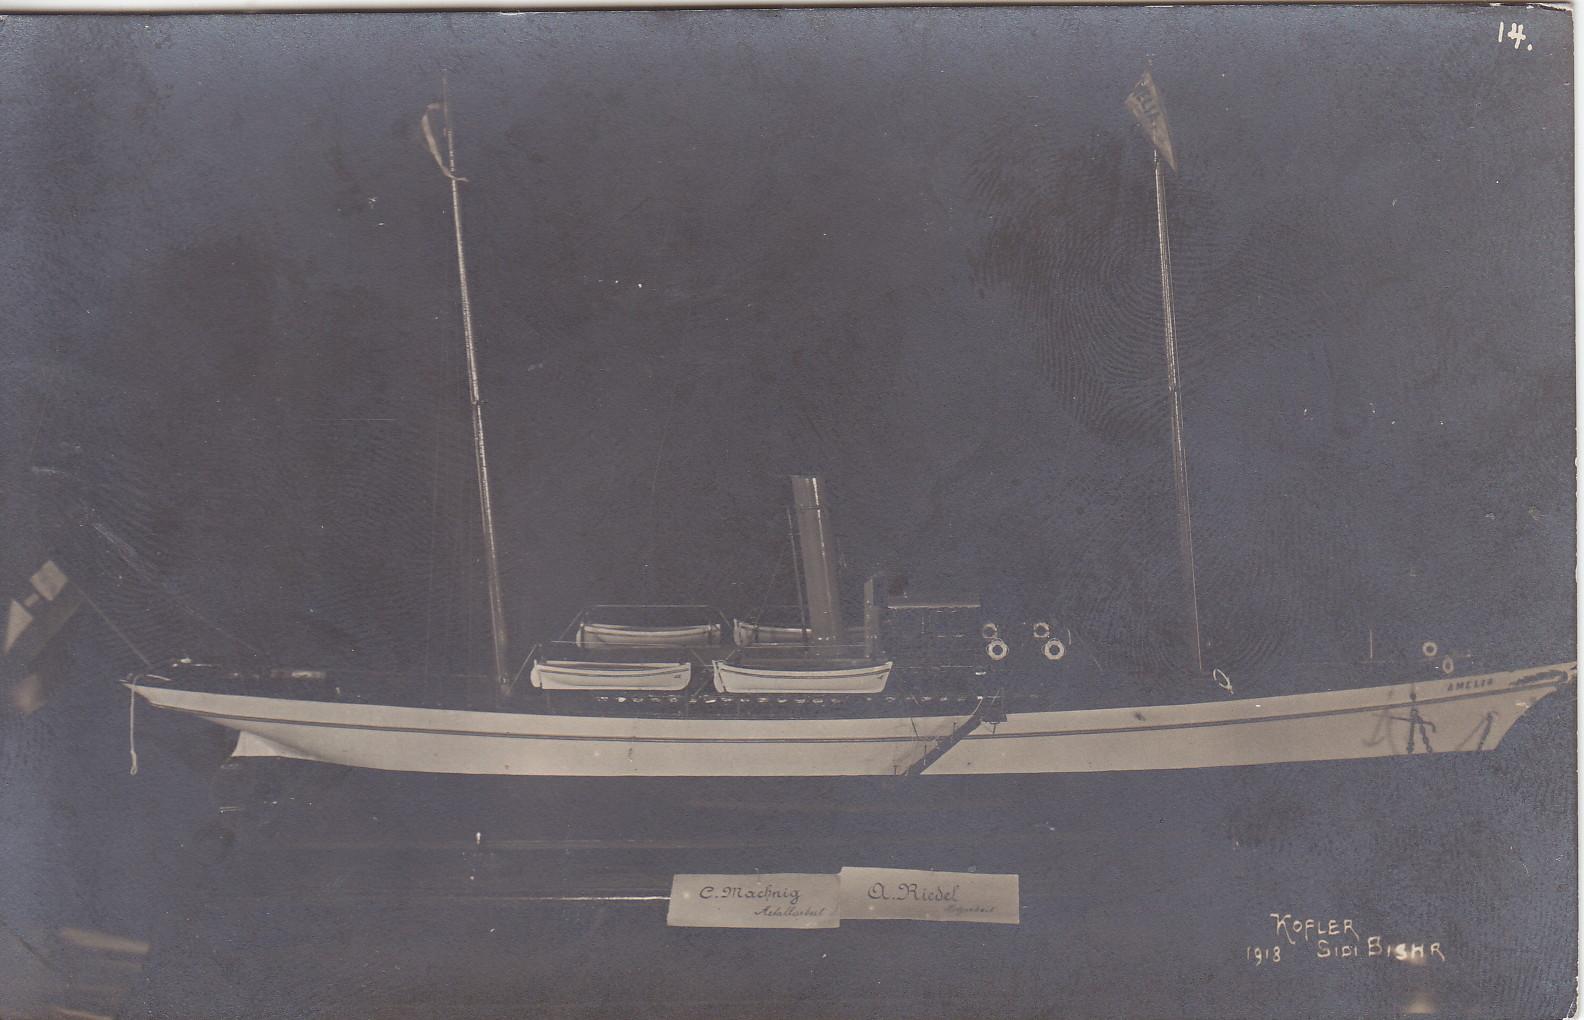 Wettbewerb im Lager Modell von C. Machning und A. Riedel - Aufnahme Kofler 14 1918